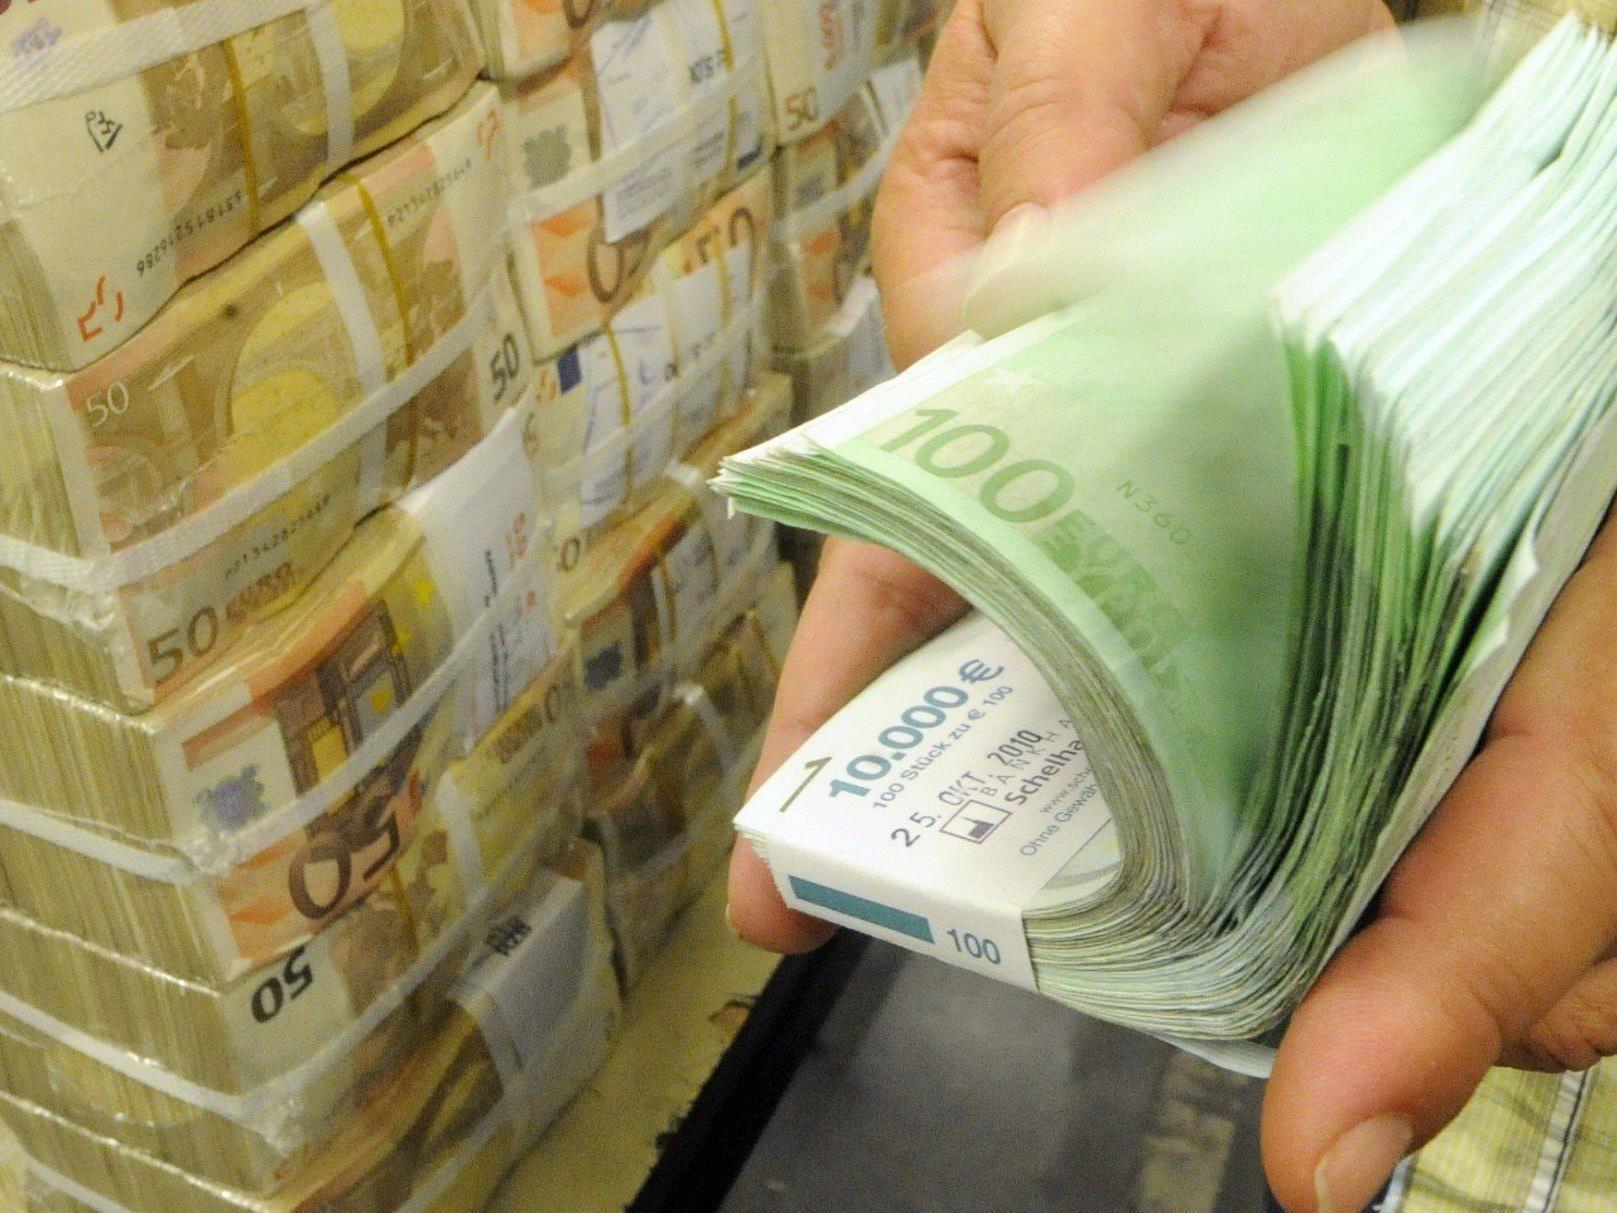 Rechnet man die Bankenhilfe durch, klafft eine Lücke von 4,3 Mrd. Euro - Staatshaftungen nicht mitgerechnet.